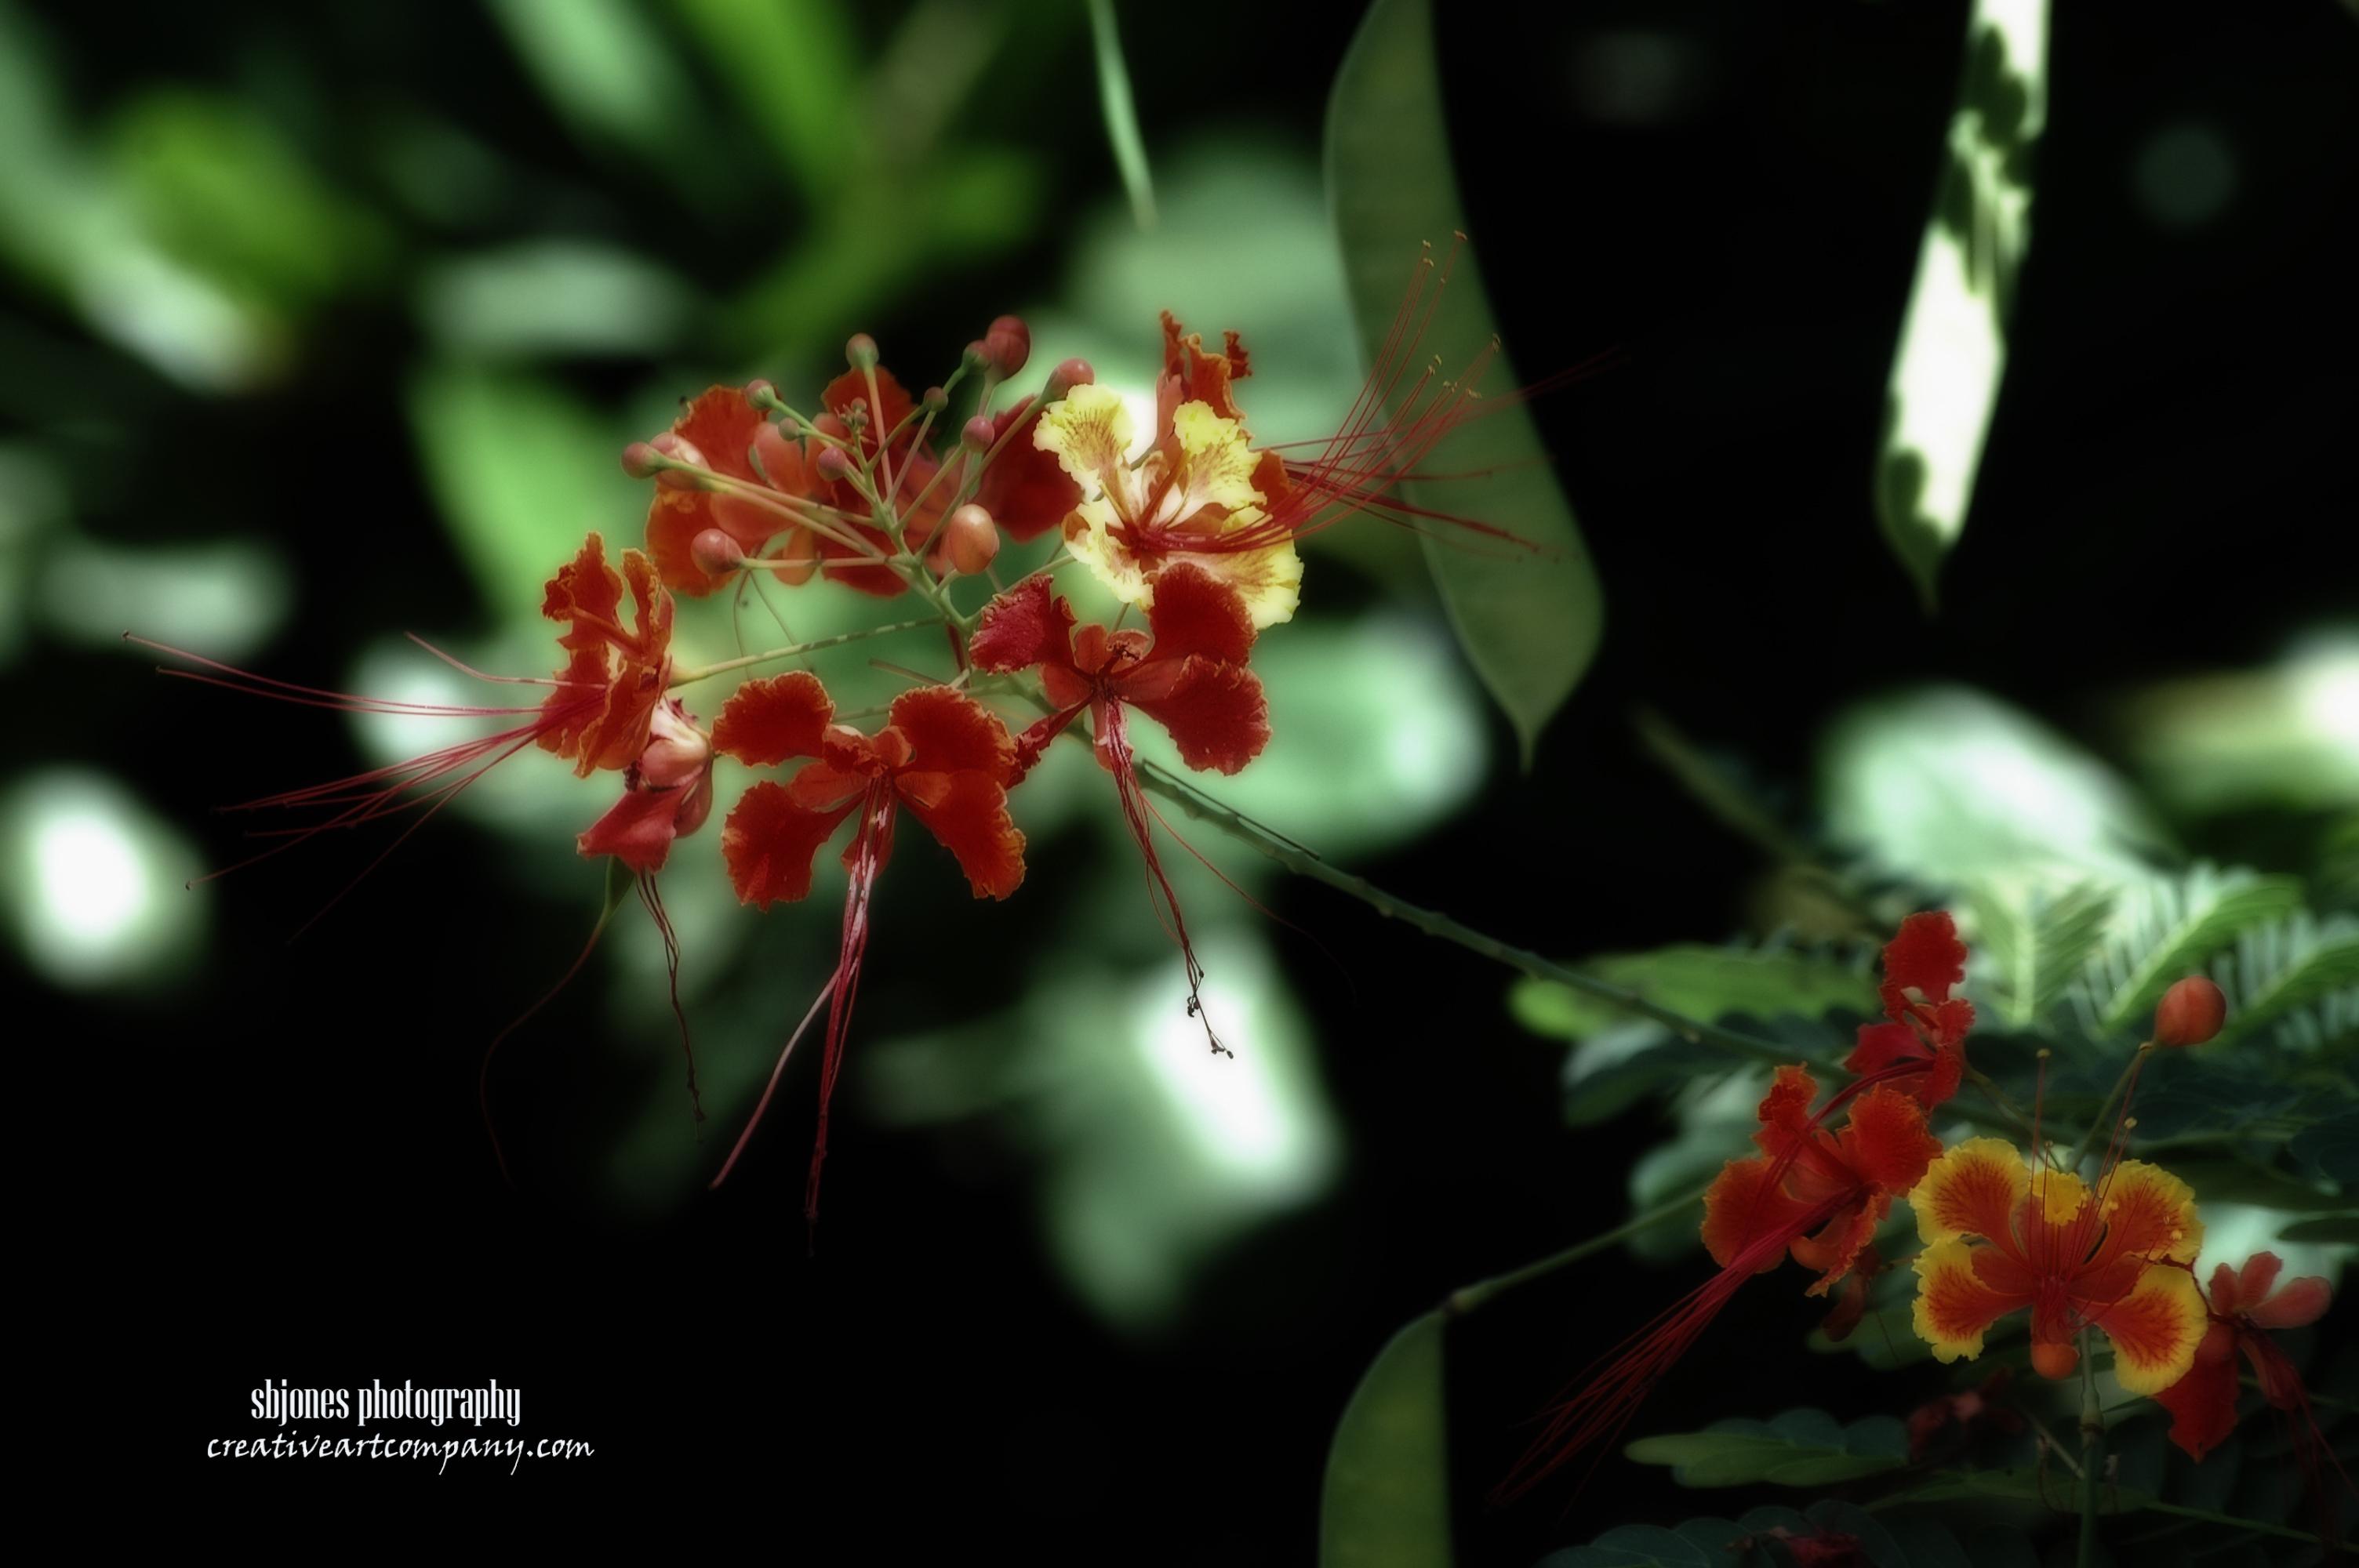 Midnite Red Flower